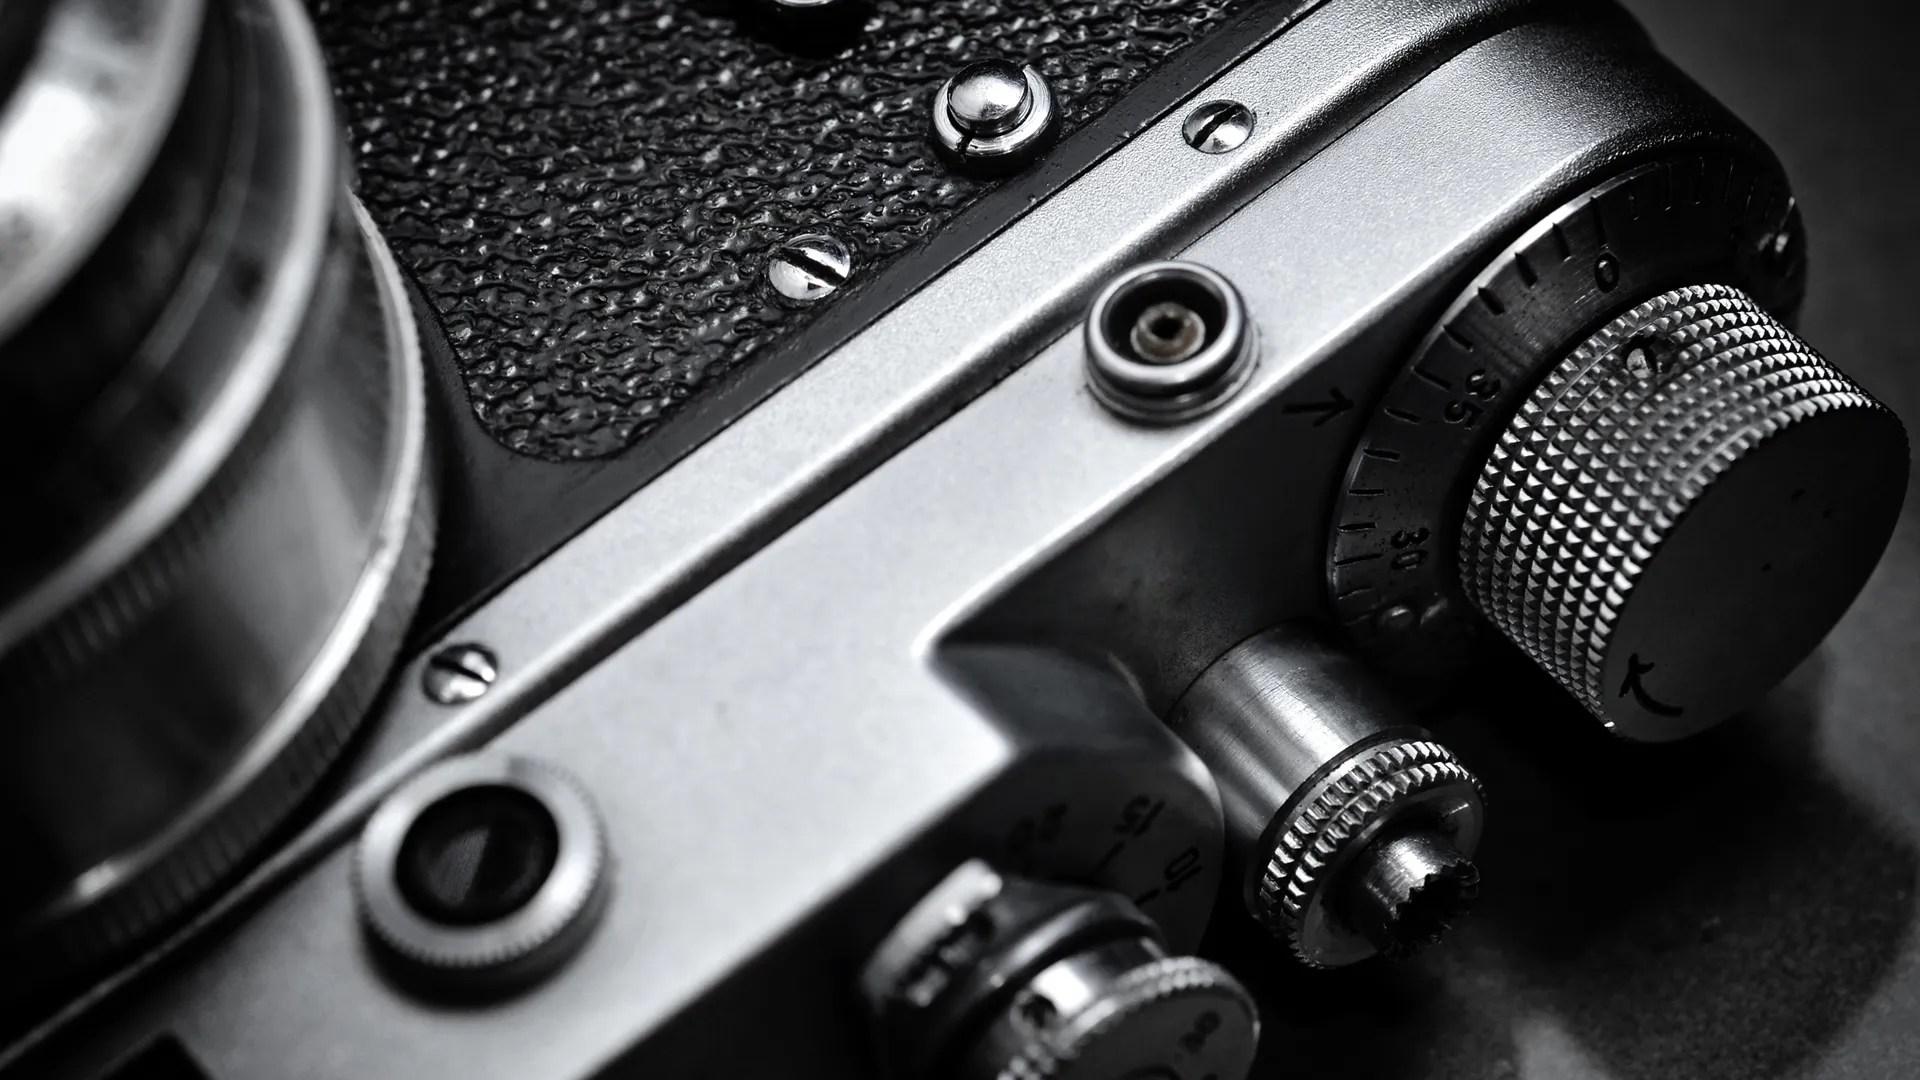 Cozy Jason Schneider Classic Collectible Canon Expert Photography Blogs Canon A10 Canon A 1 Specs dpreview Canon A 1